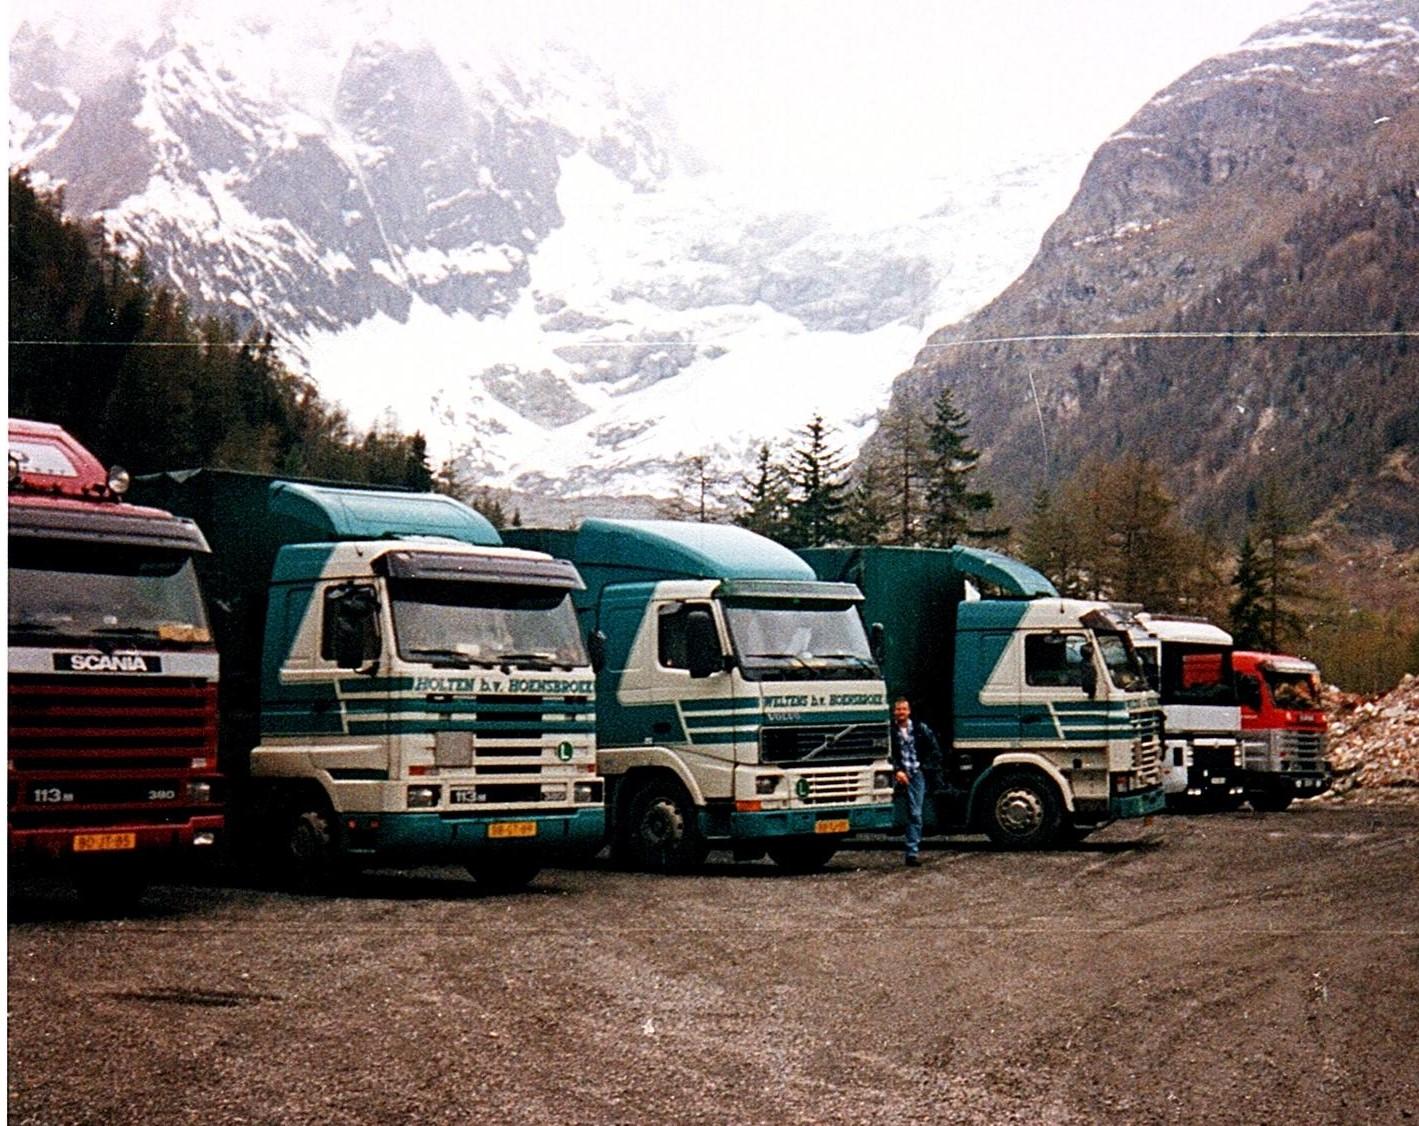 Bert-met-de-Scania-vakantie-vieren-in-Italie-42